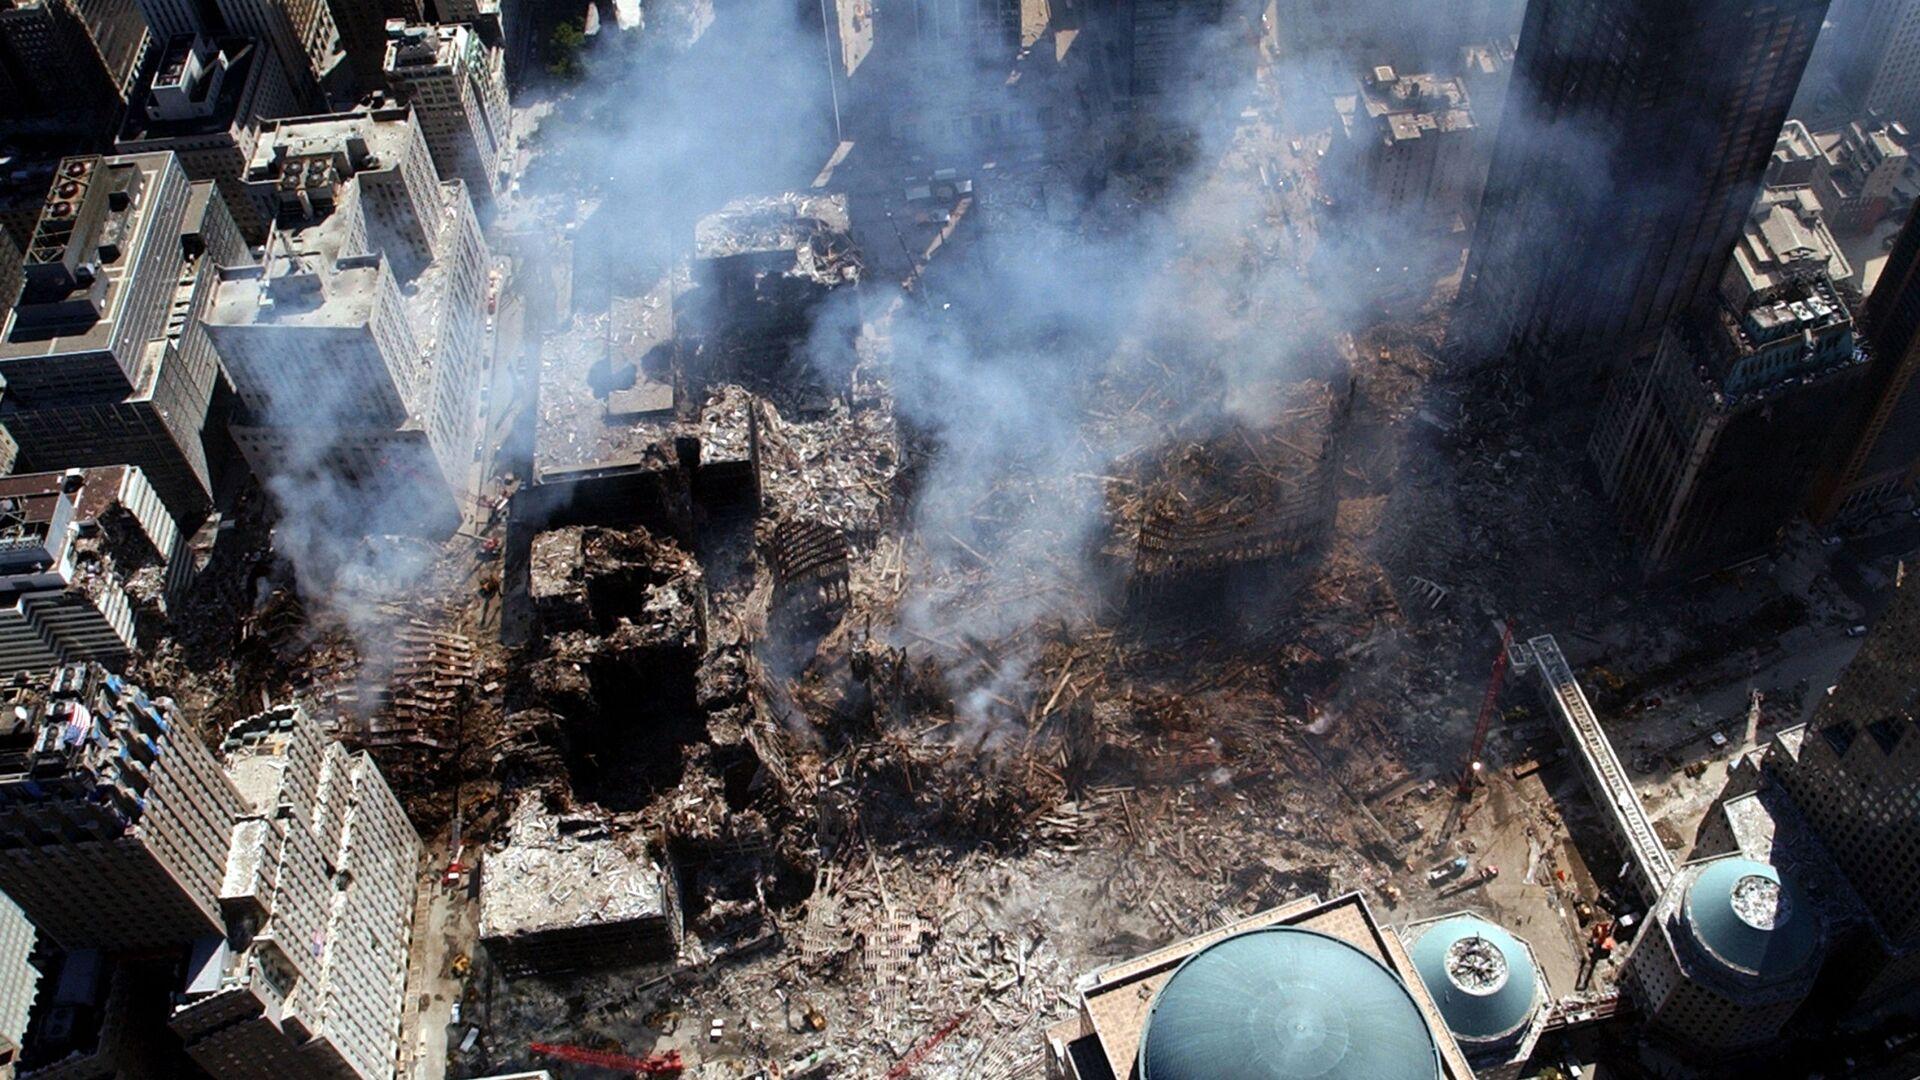 Вид сверху на разрушения на месте атакованного Всемирного торгового центра 11 сентября в Нью-Йорке  - Sputnik Italia, 1920, 11.09.2021